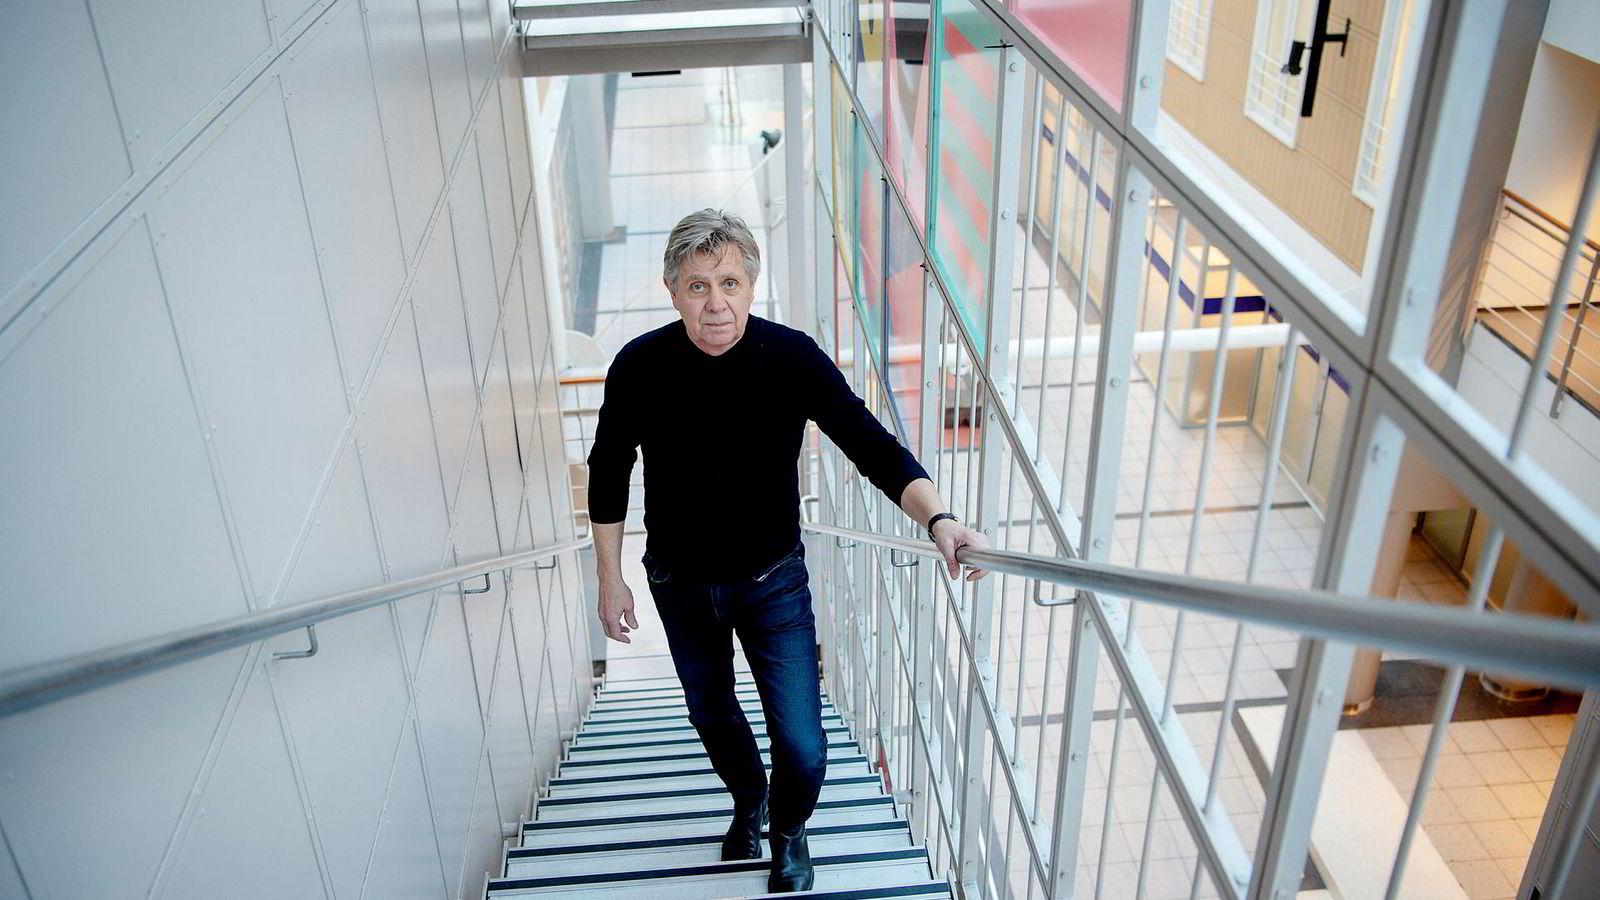 Direktør Cato Strøm i Tono har kjempet mot RiksTV gjennom rettssystemet i åtte år. Nå blir det nok en runde.